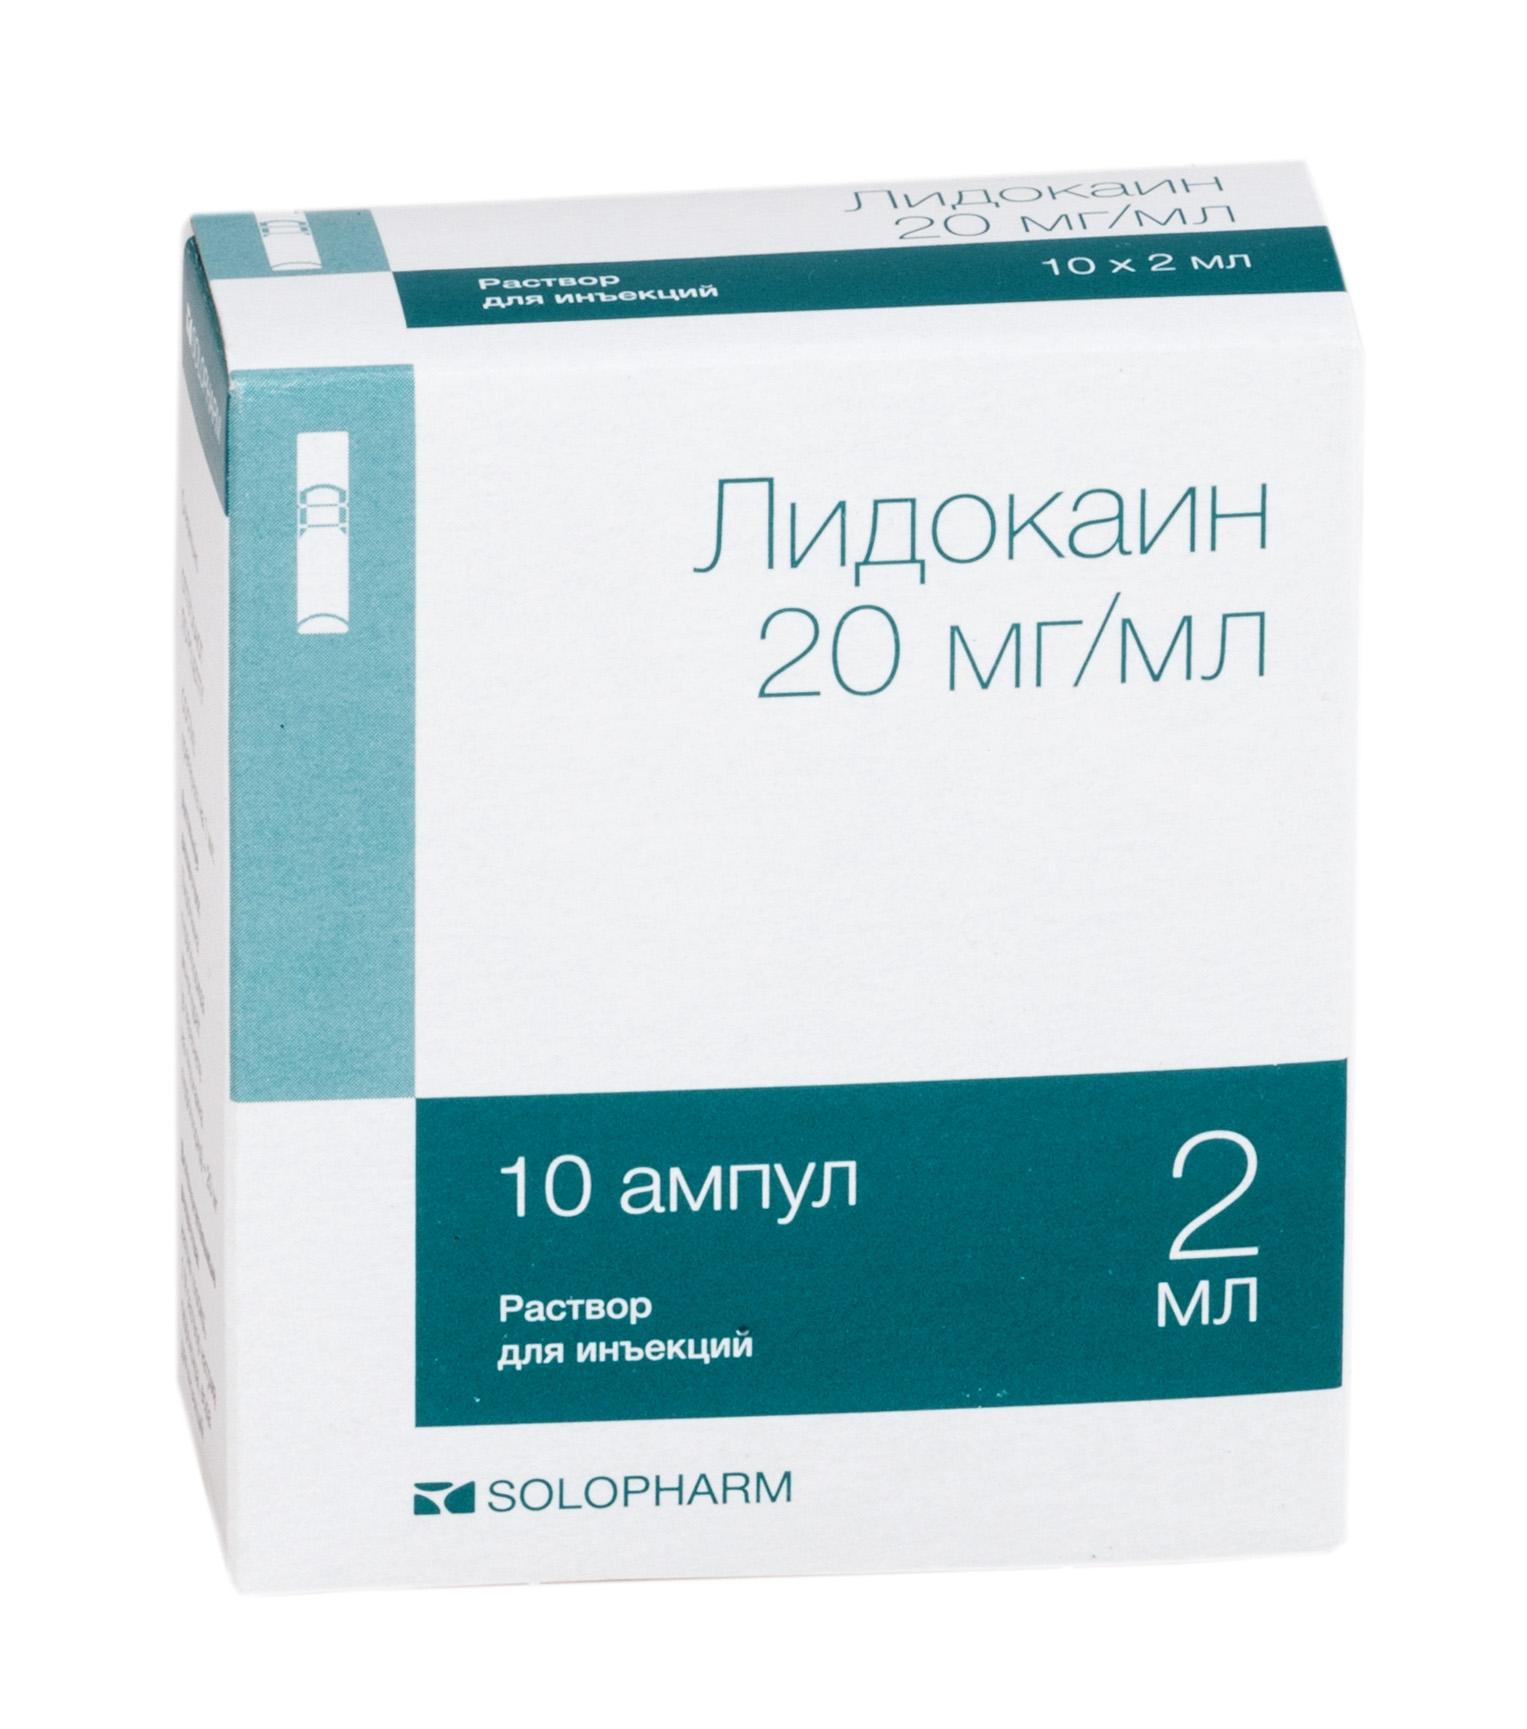 Лидокаин аство-р д/ин. 20мг/мл 2мл №10 Гротекс